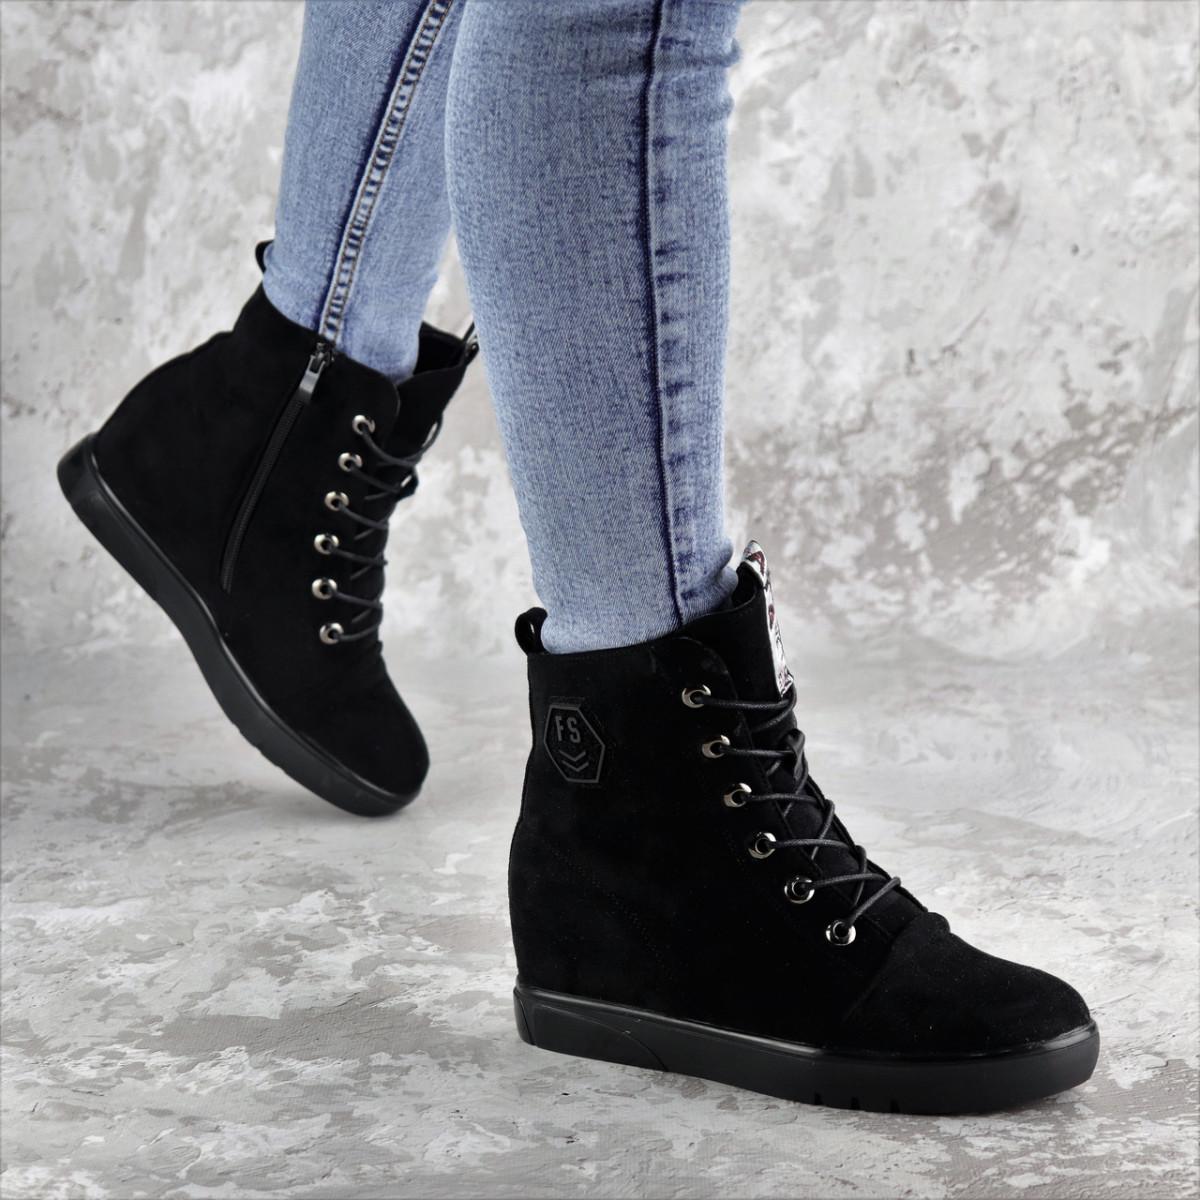 Ботинки женские зимние черные Jimbo 2299 (37 размер)